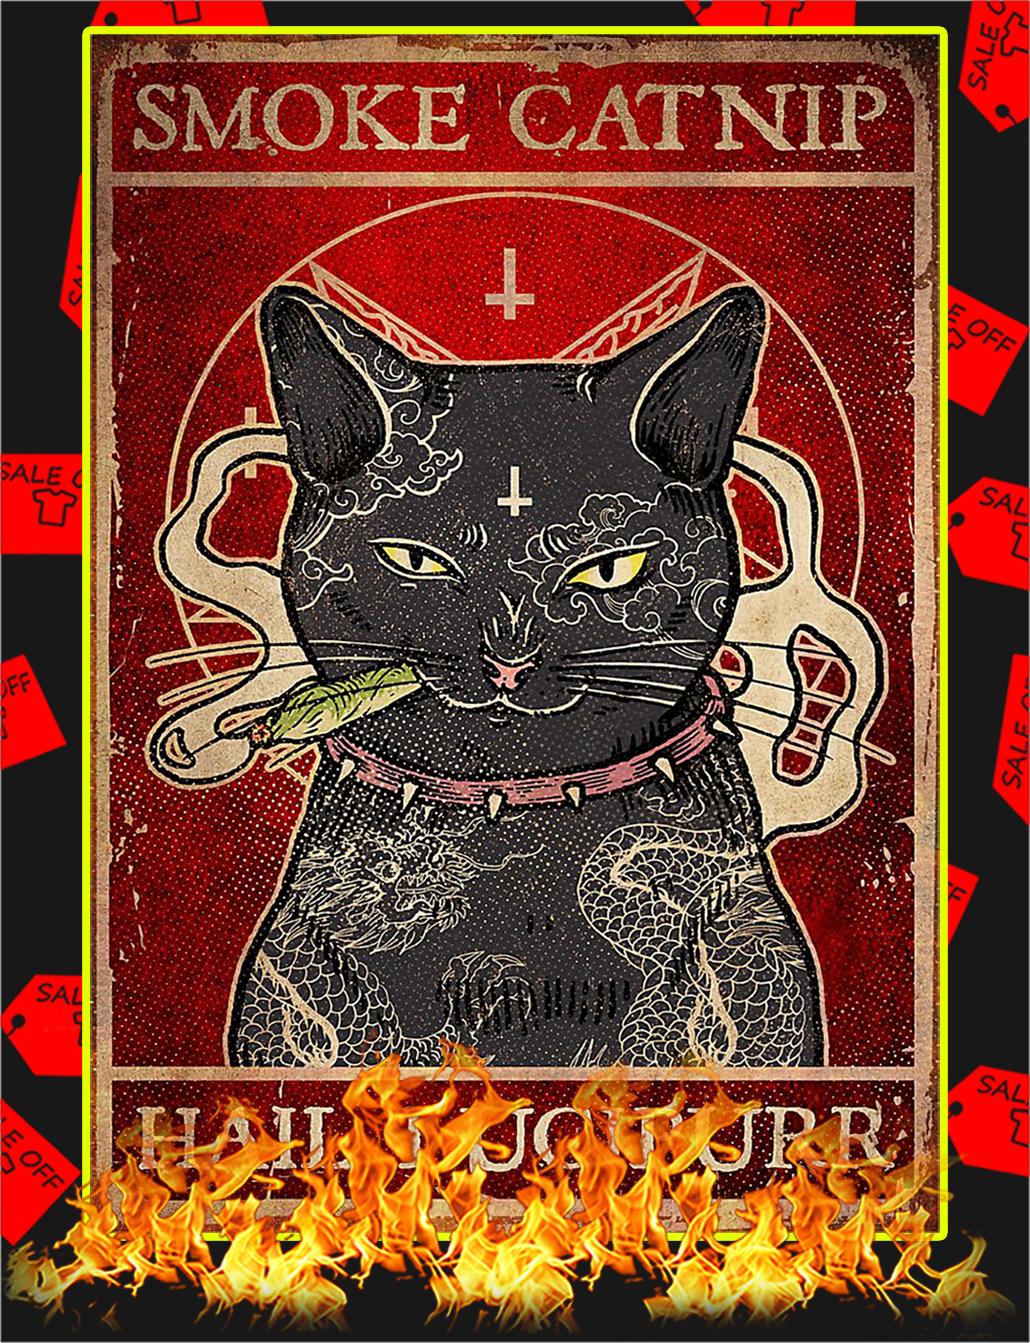 Cat Smoke catnip hail lucipurr poster - A4